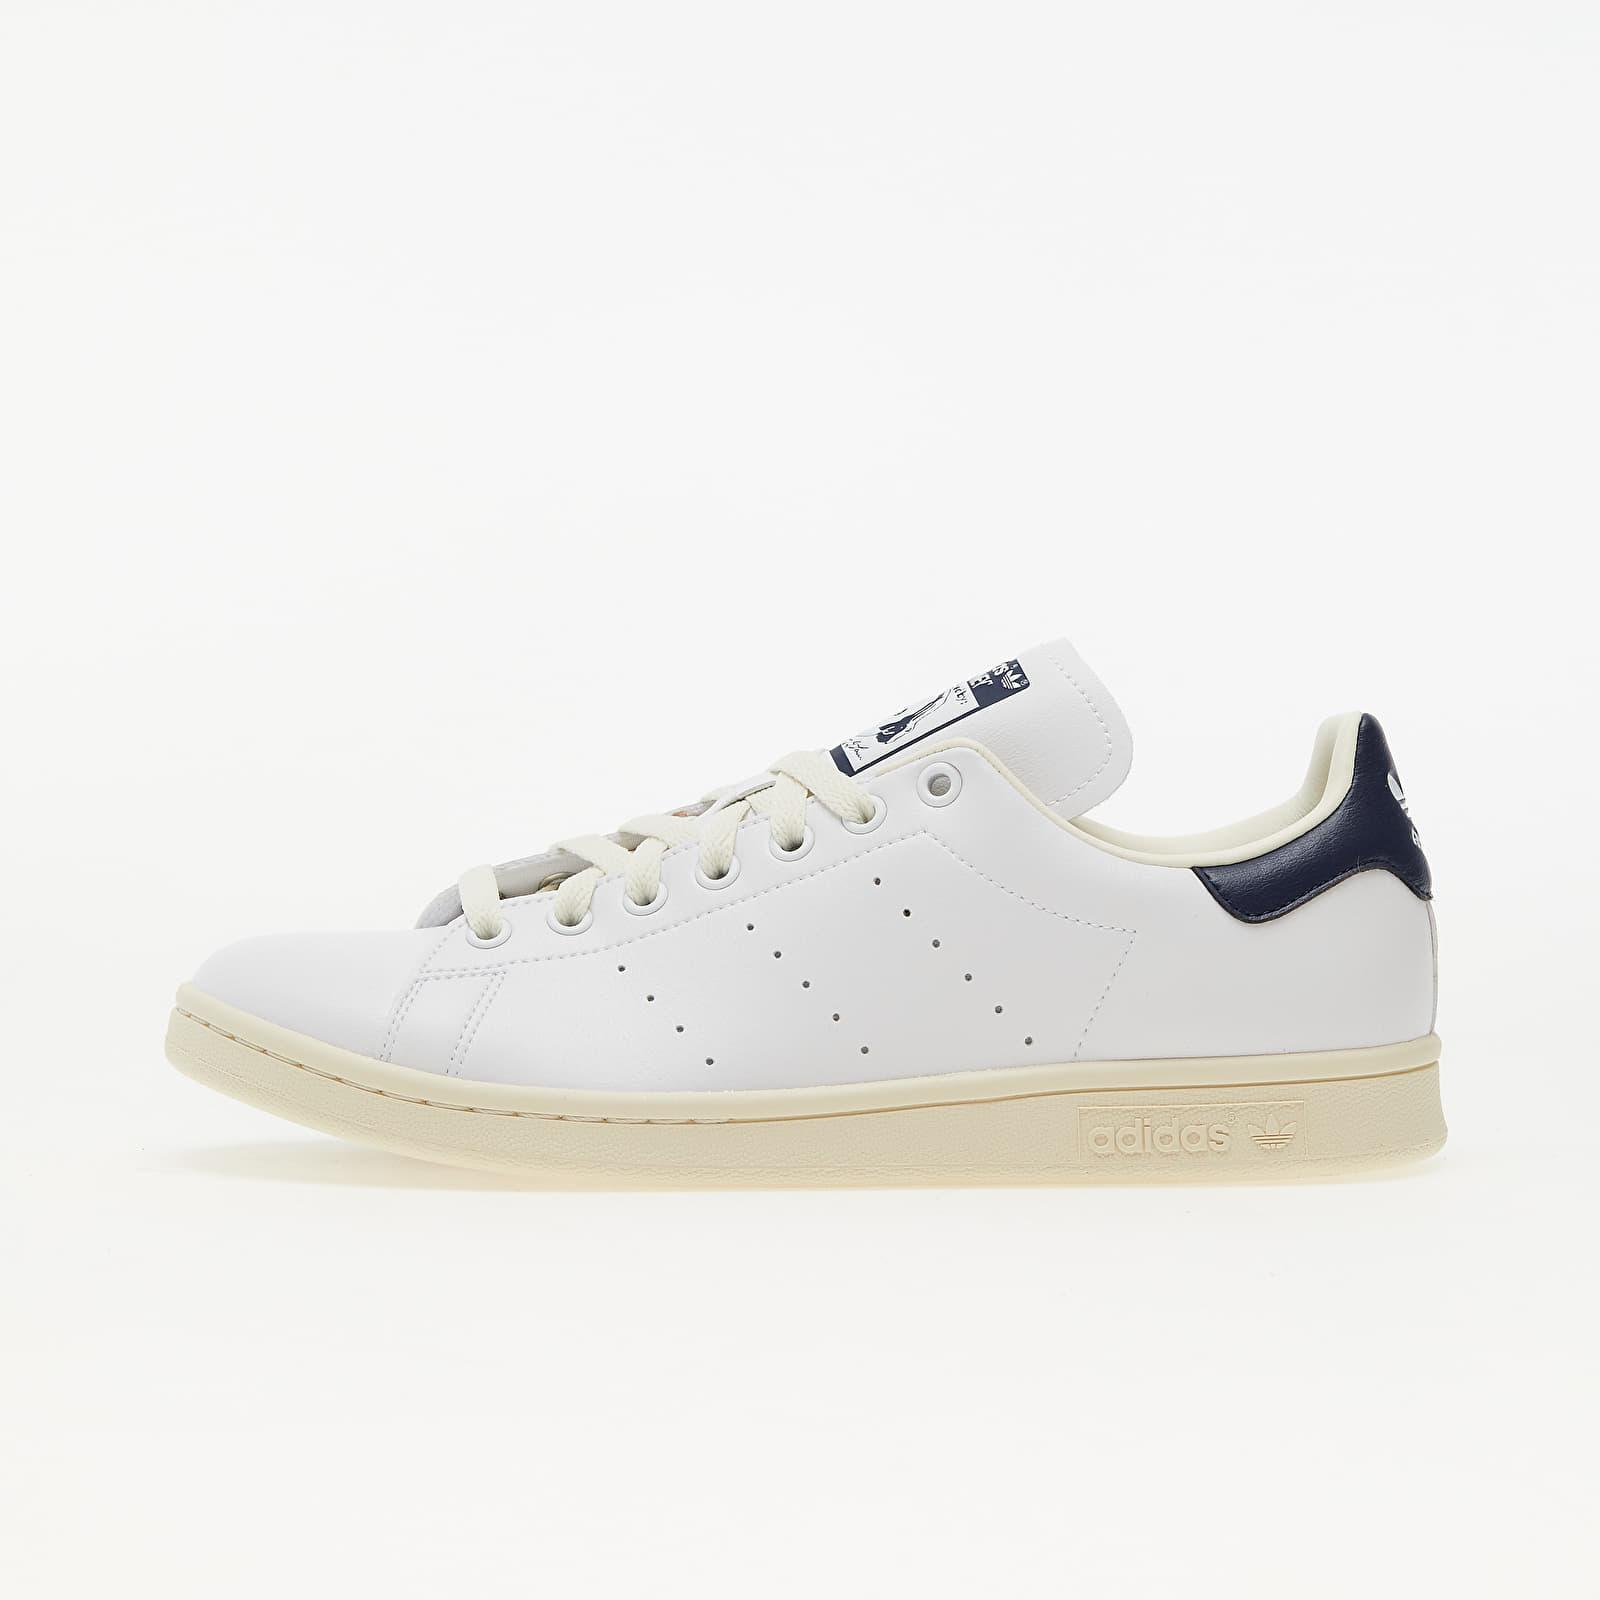 adidas Stan Smith Core White/ Ftw White/ Collegiate Navy EUR 45 1/3